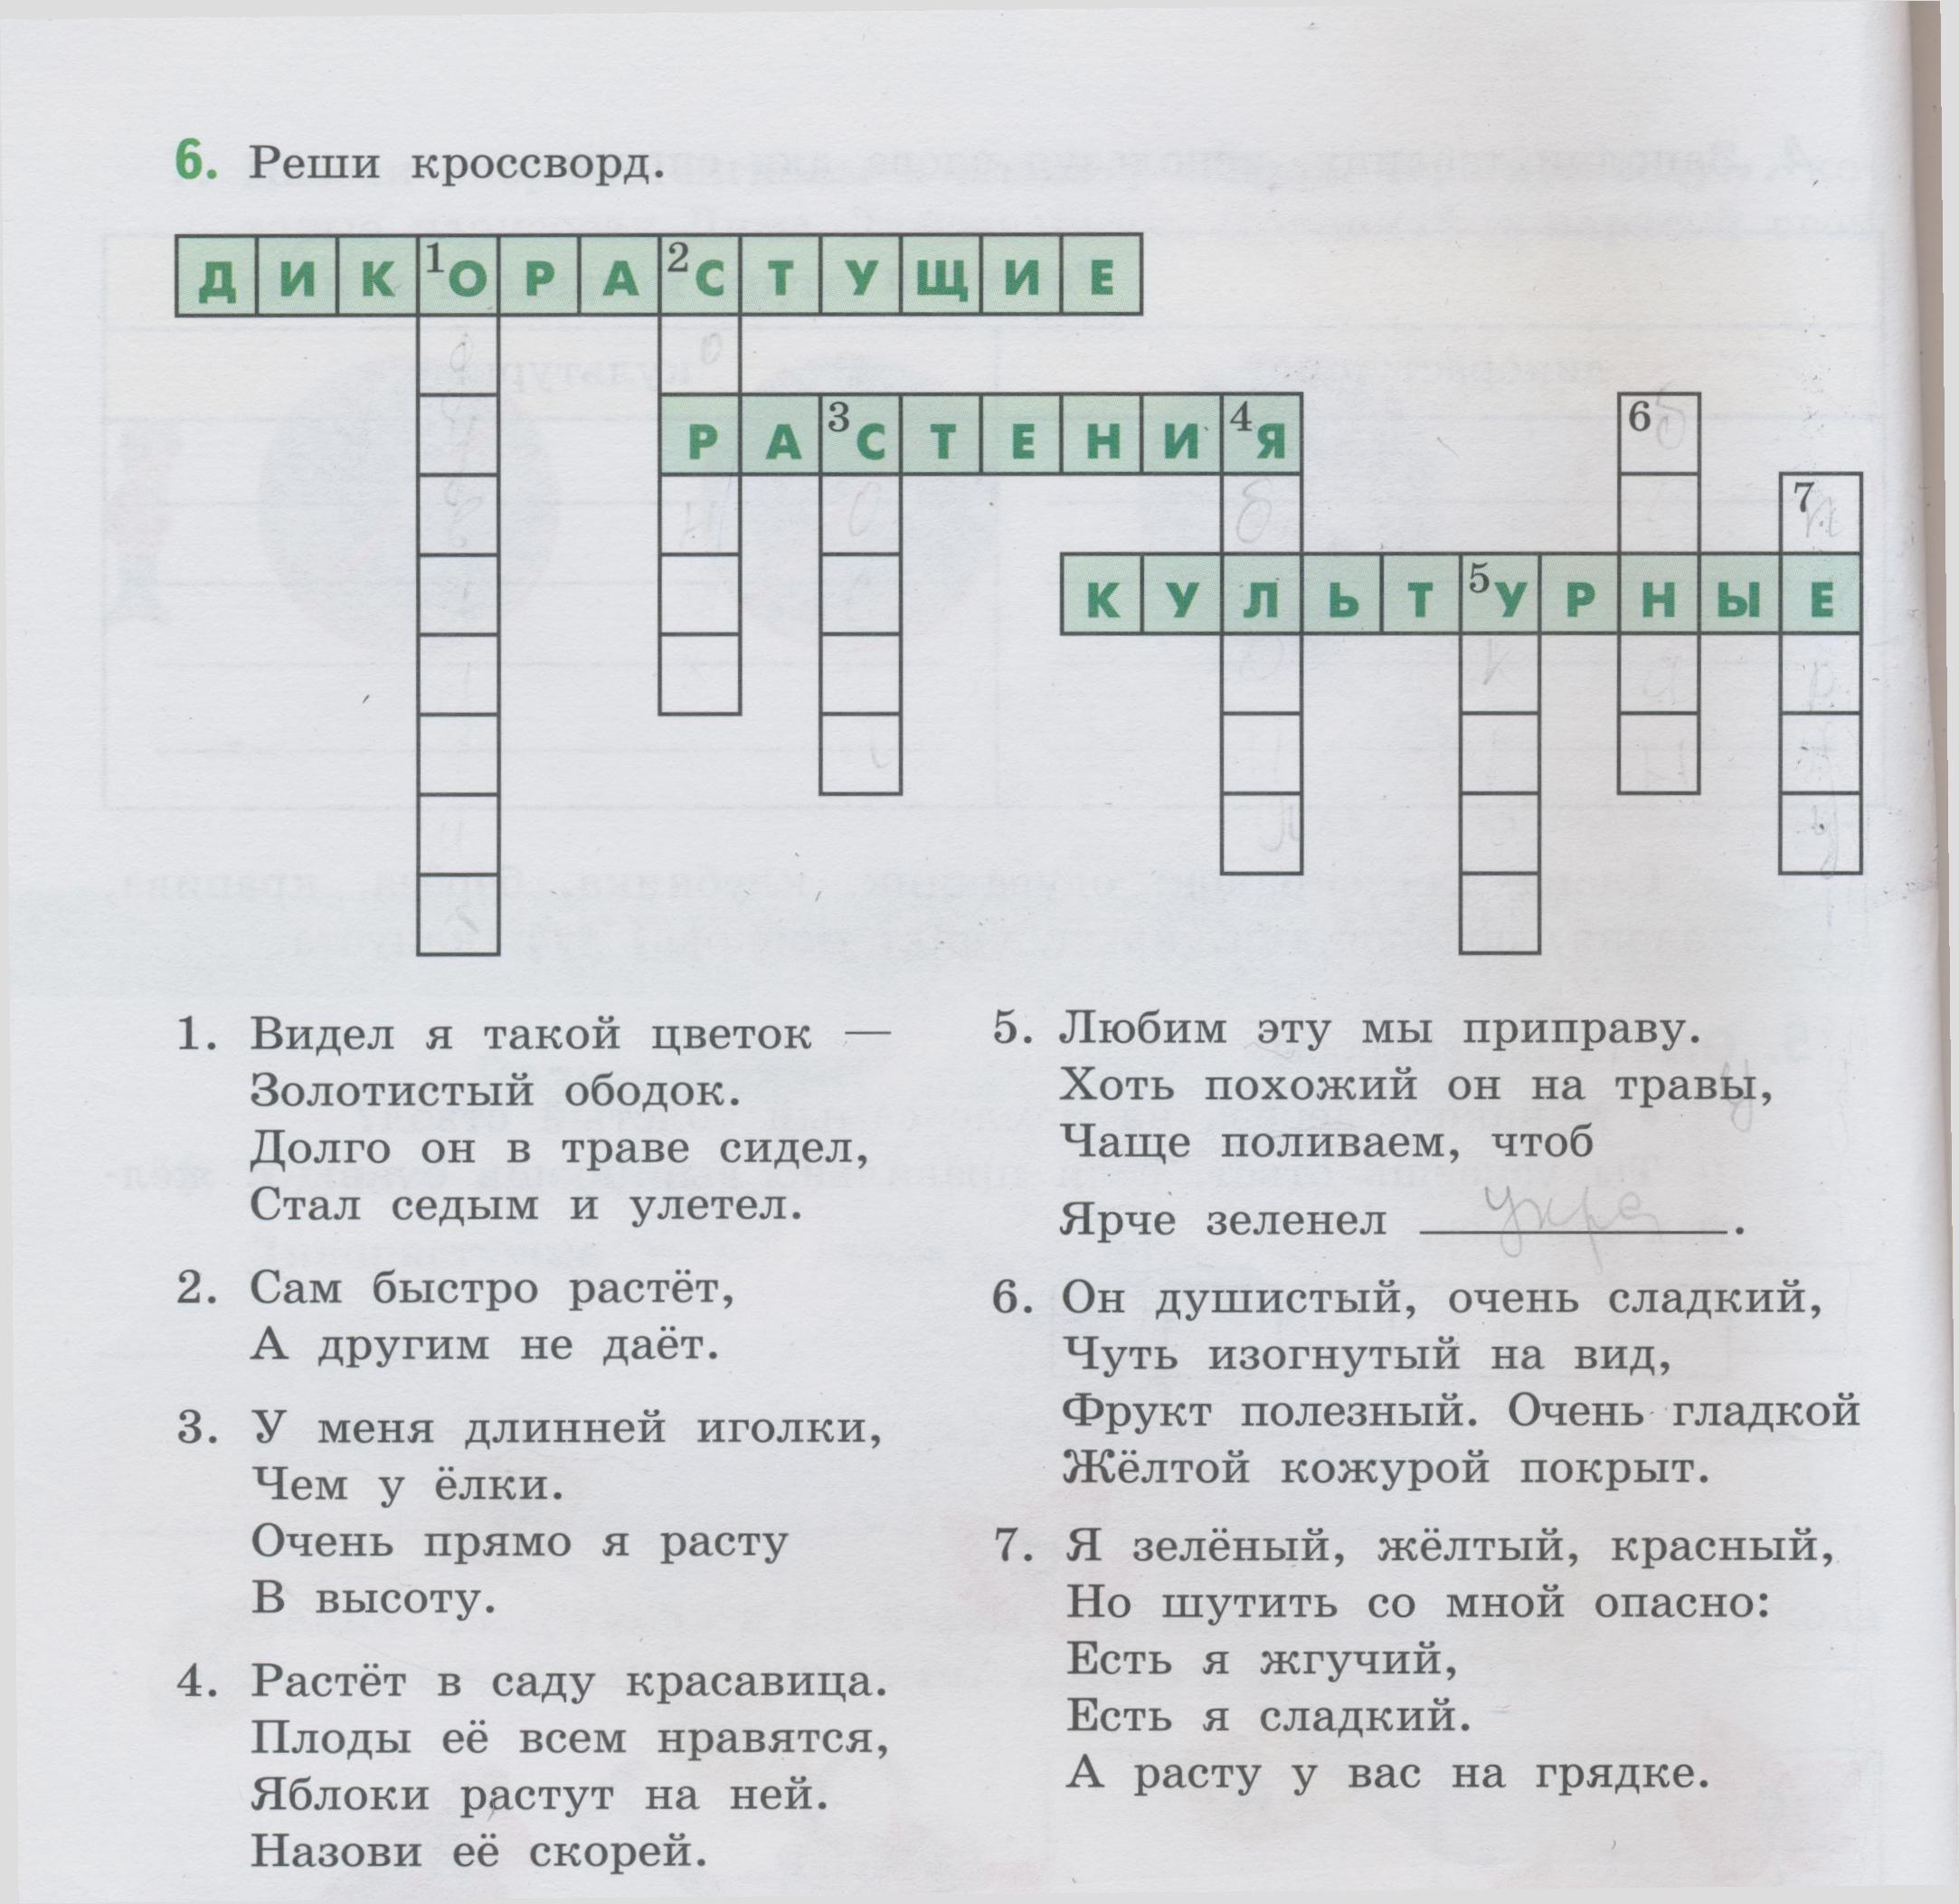 С.а.поперенко биология 7 класс